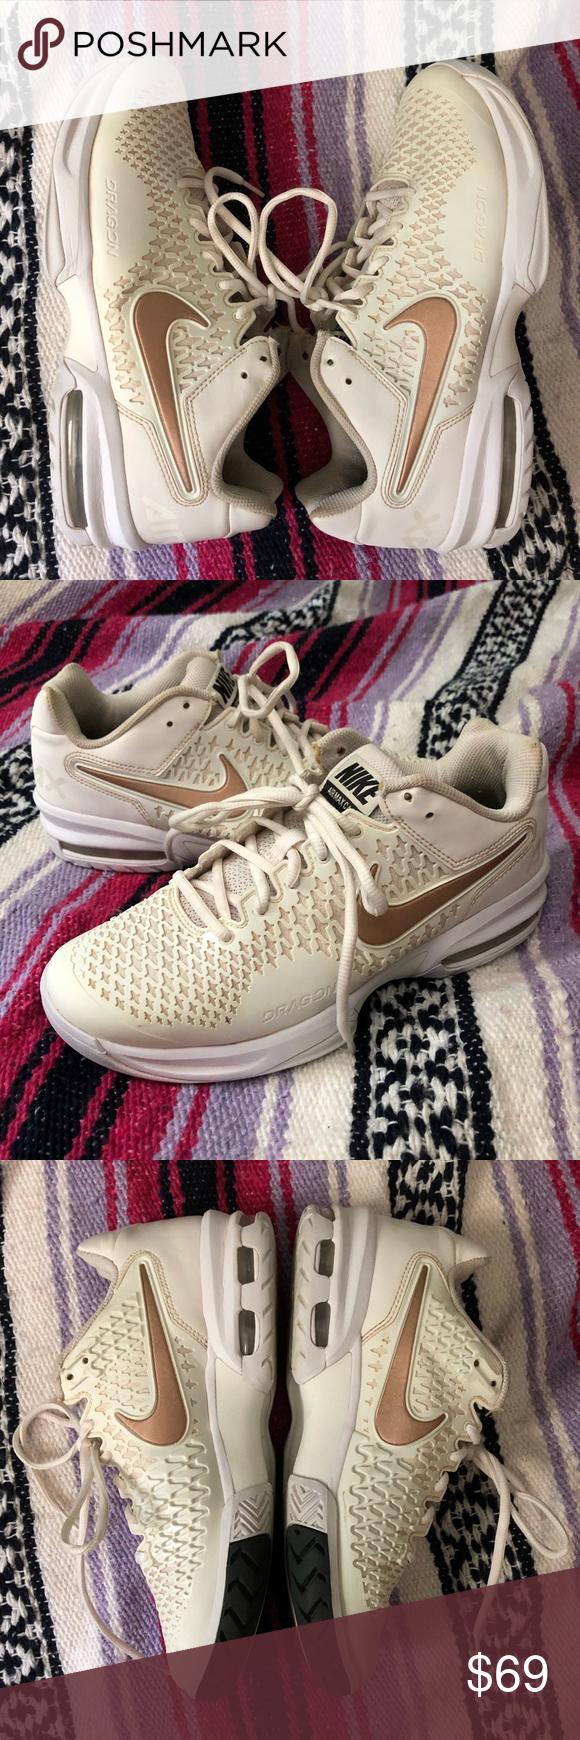 comerciante participar igualdad  Nike Air Max Rose Gold | Gold nike air max, Rose gold nikes, Nike air max